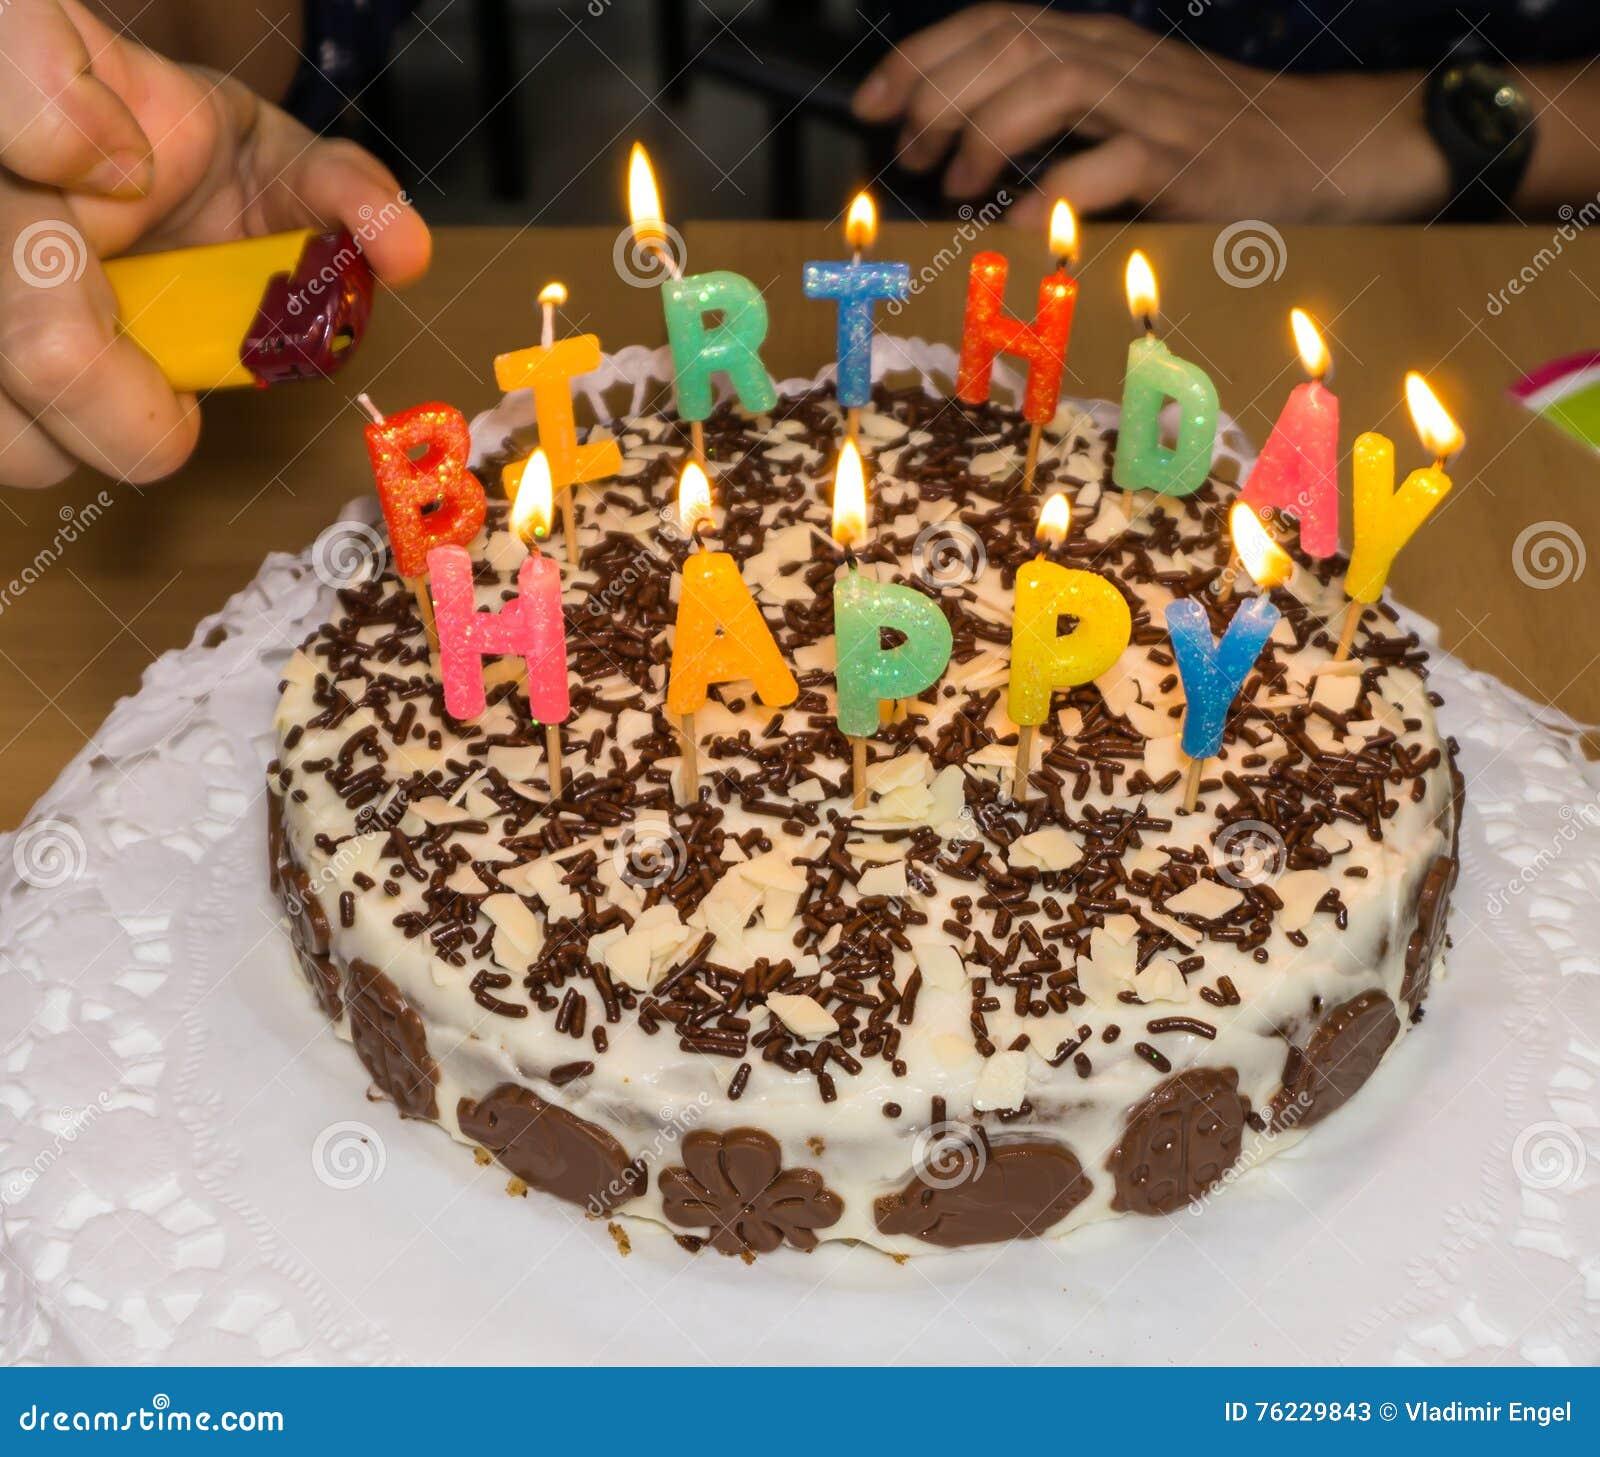 Candlelight fuoco casalingo della torta di compleanno